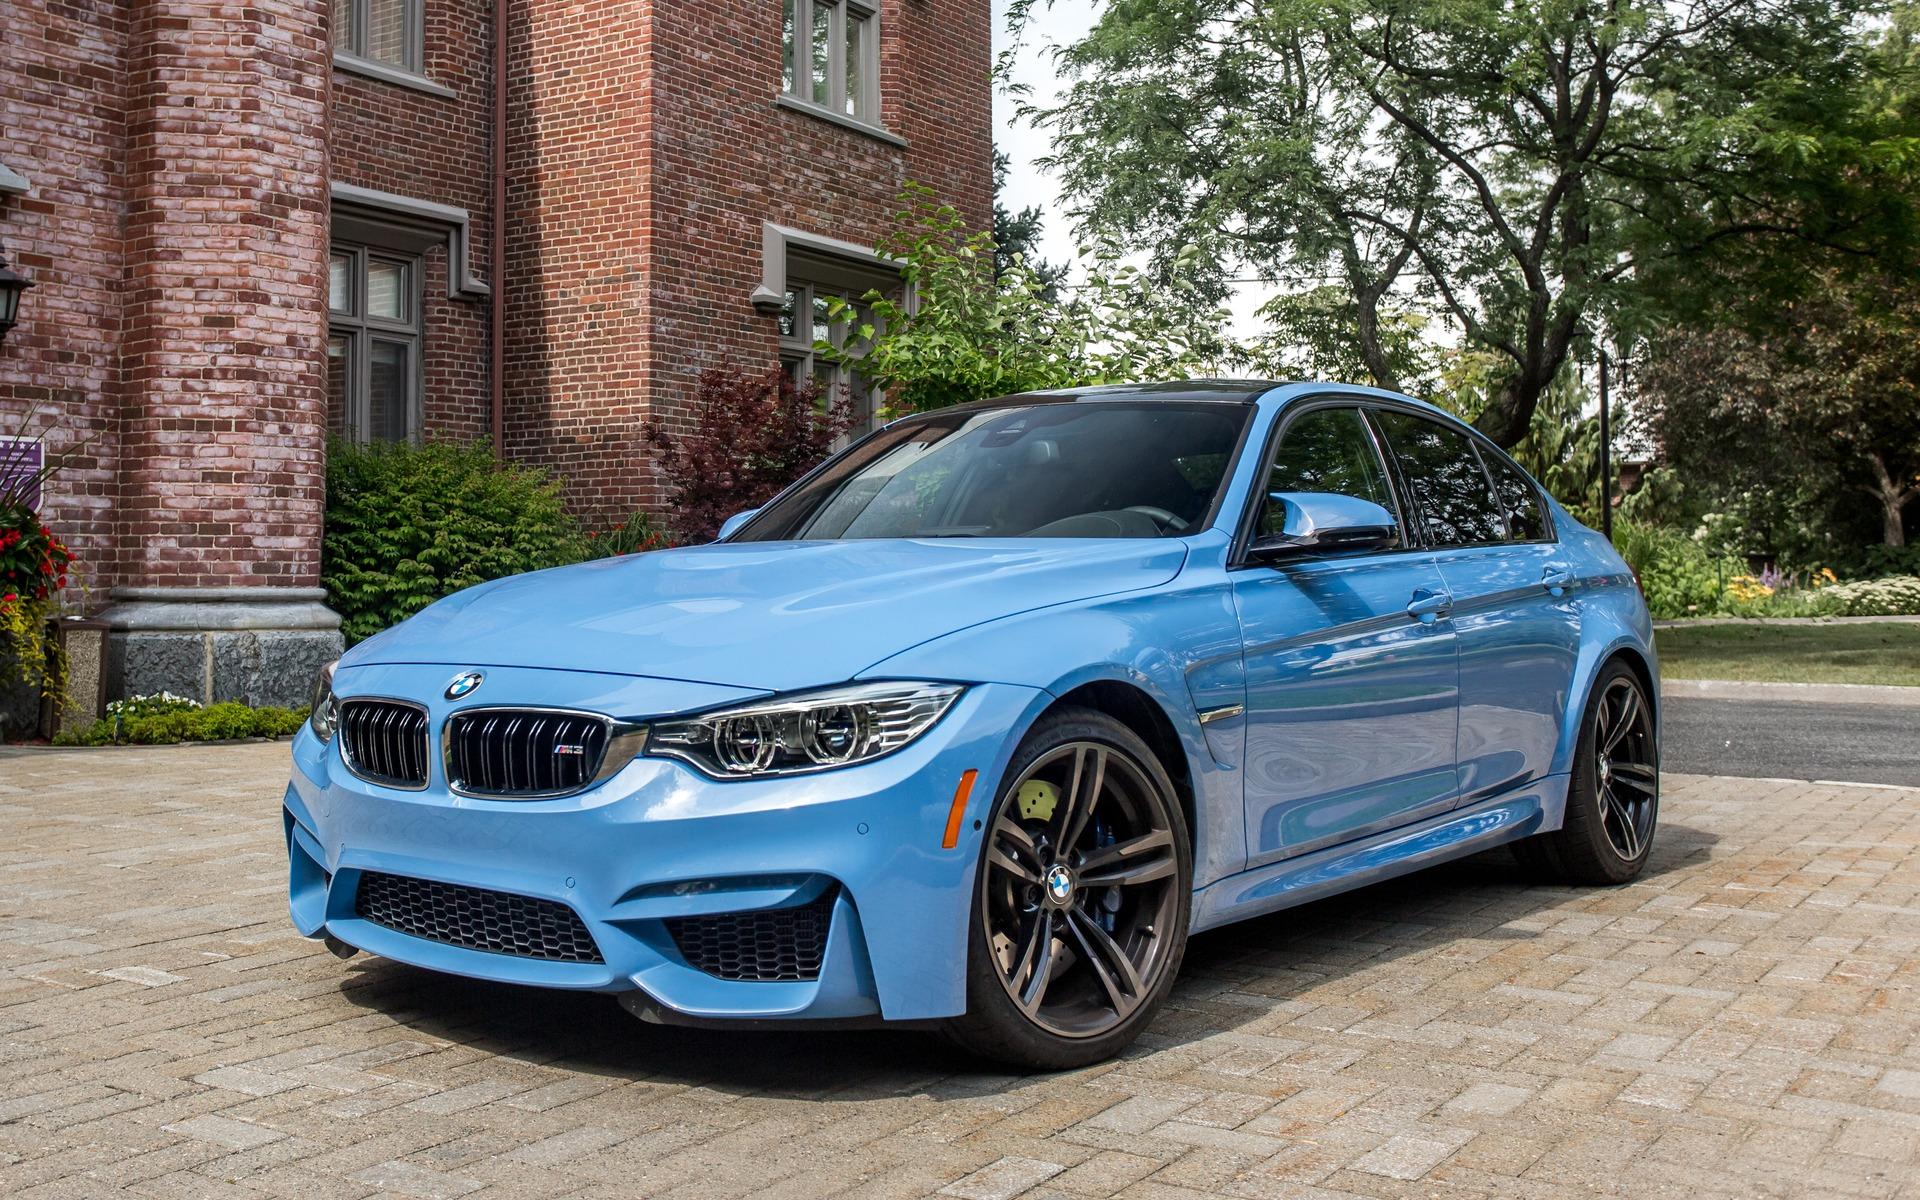 BMW M3. Le cadeau de Noël idéal.